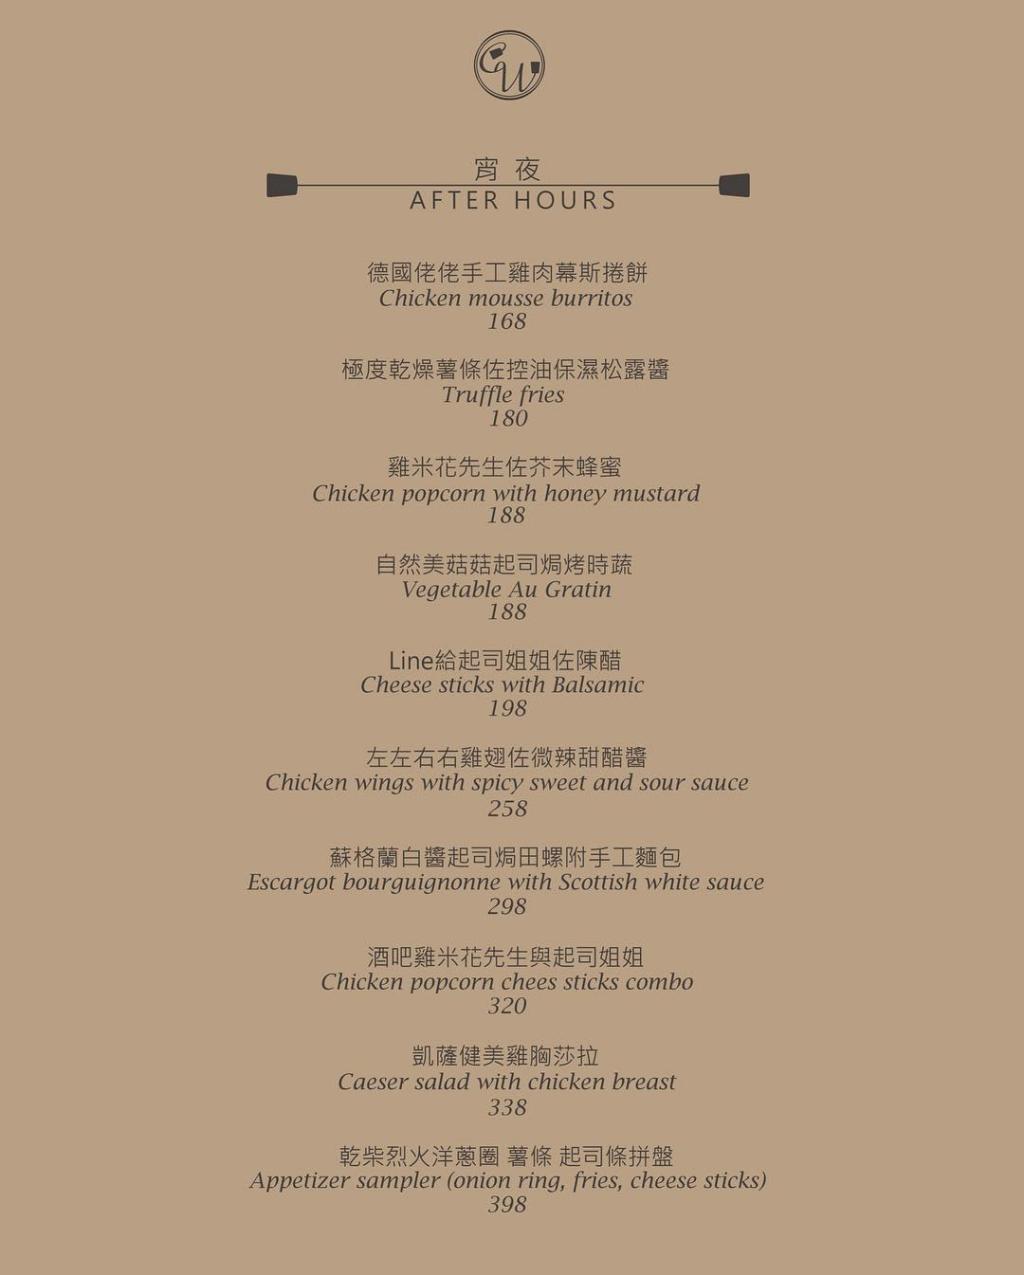 食。台北|悄悄話Chinese Whisper(美食篇)|深夜食堂消夜推薦~